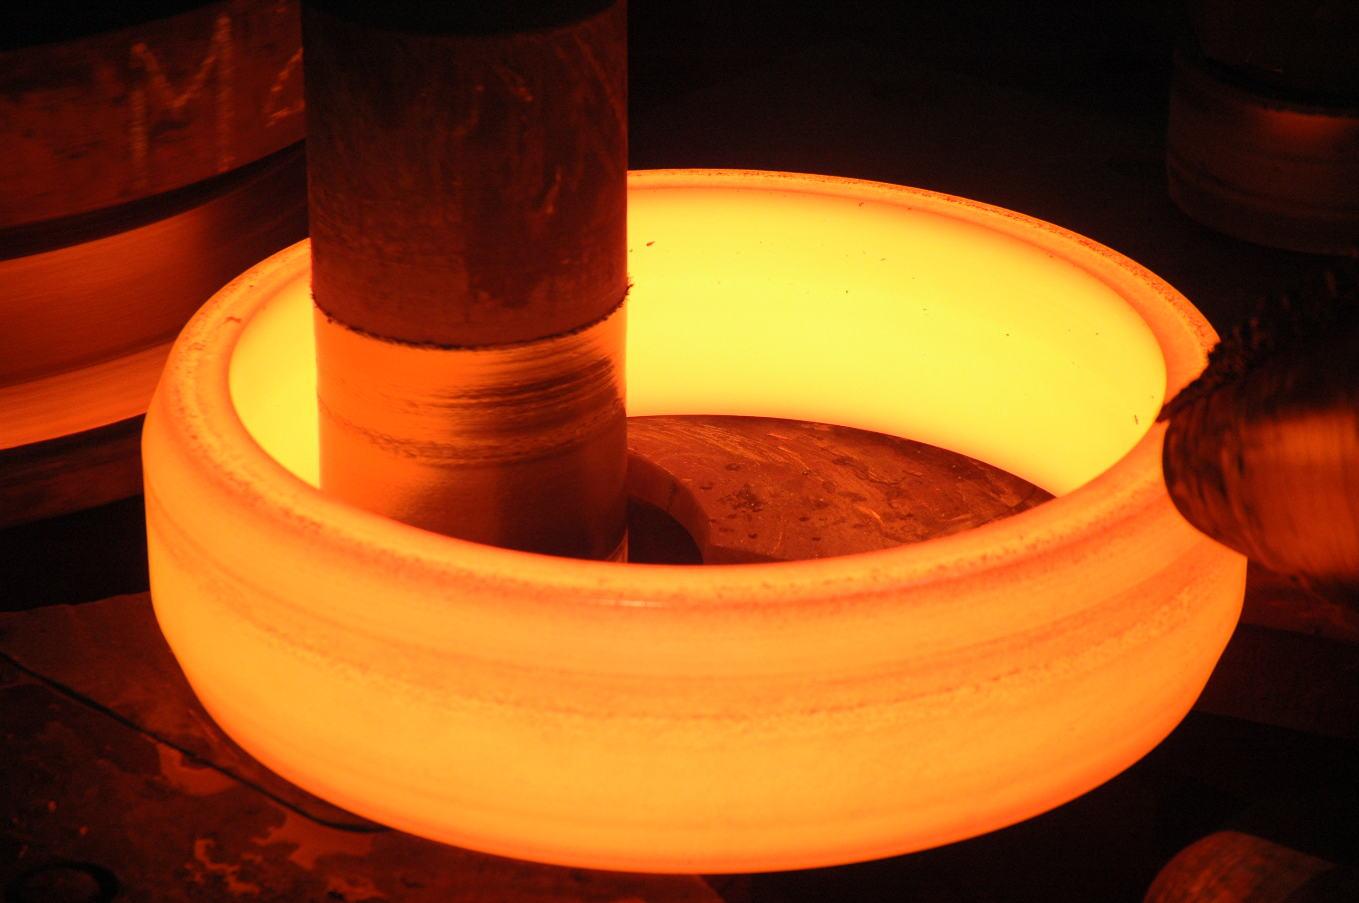 Cefival et Ruspolymet s'allient dans les anneaux réacteurs